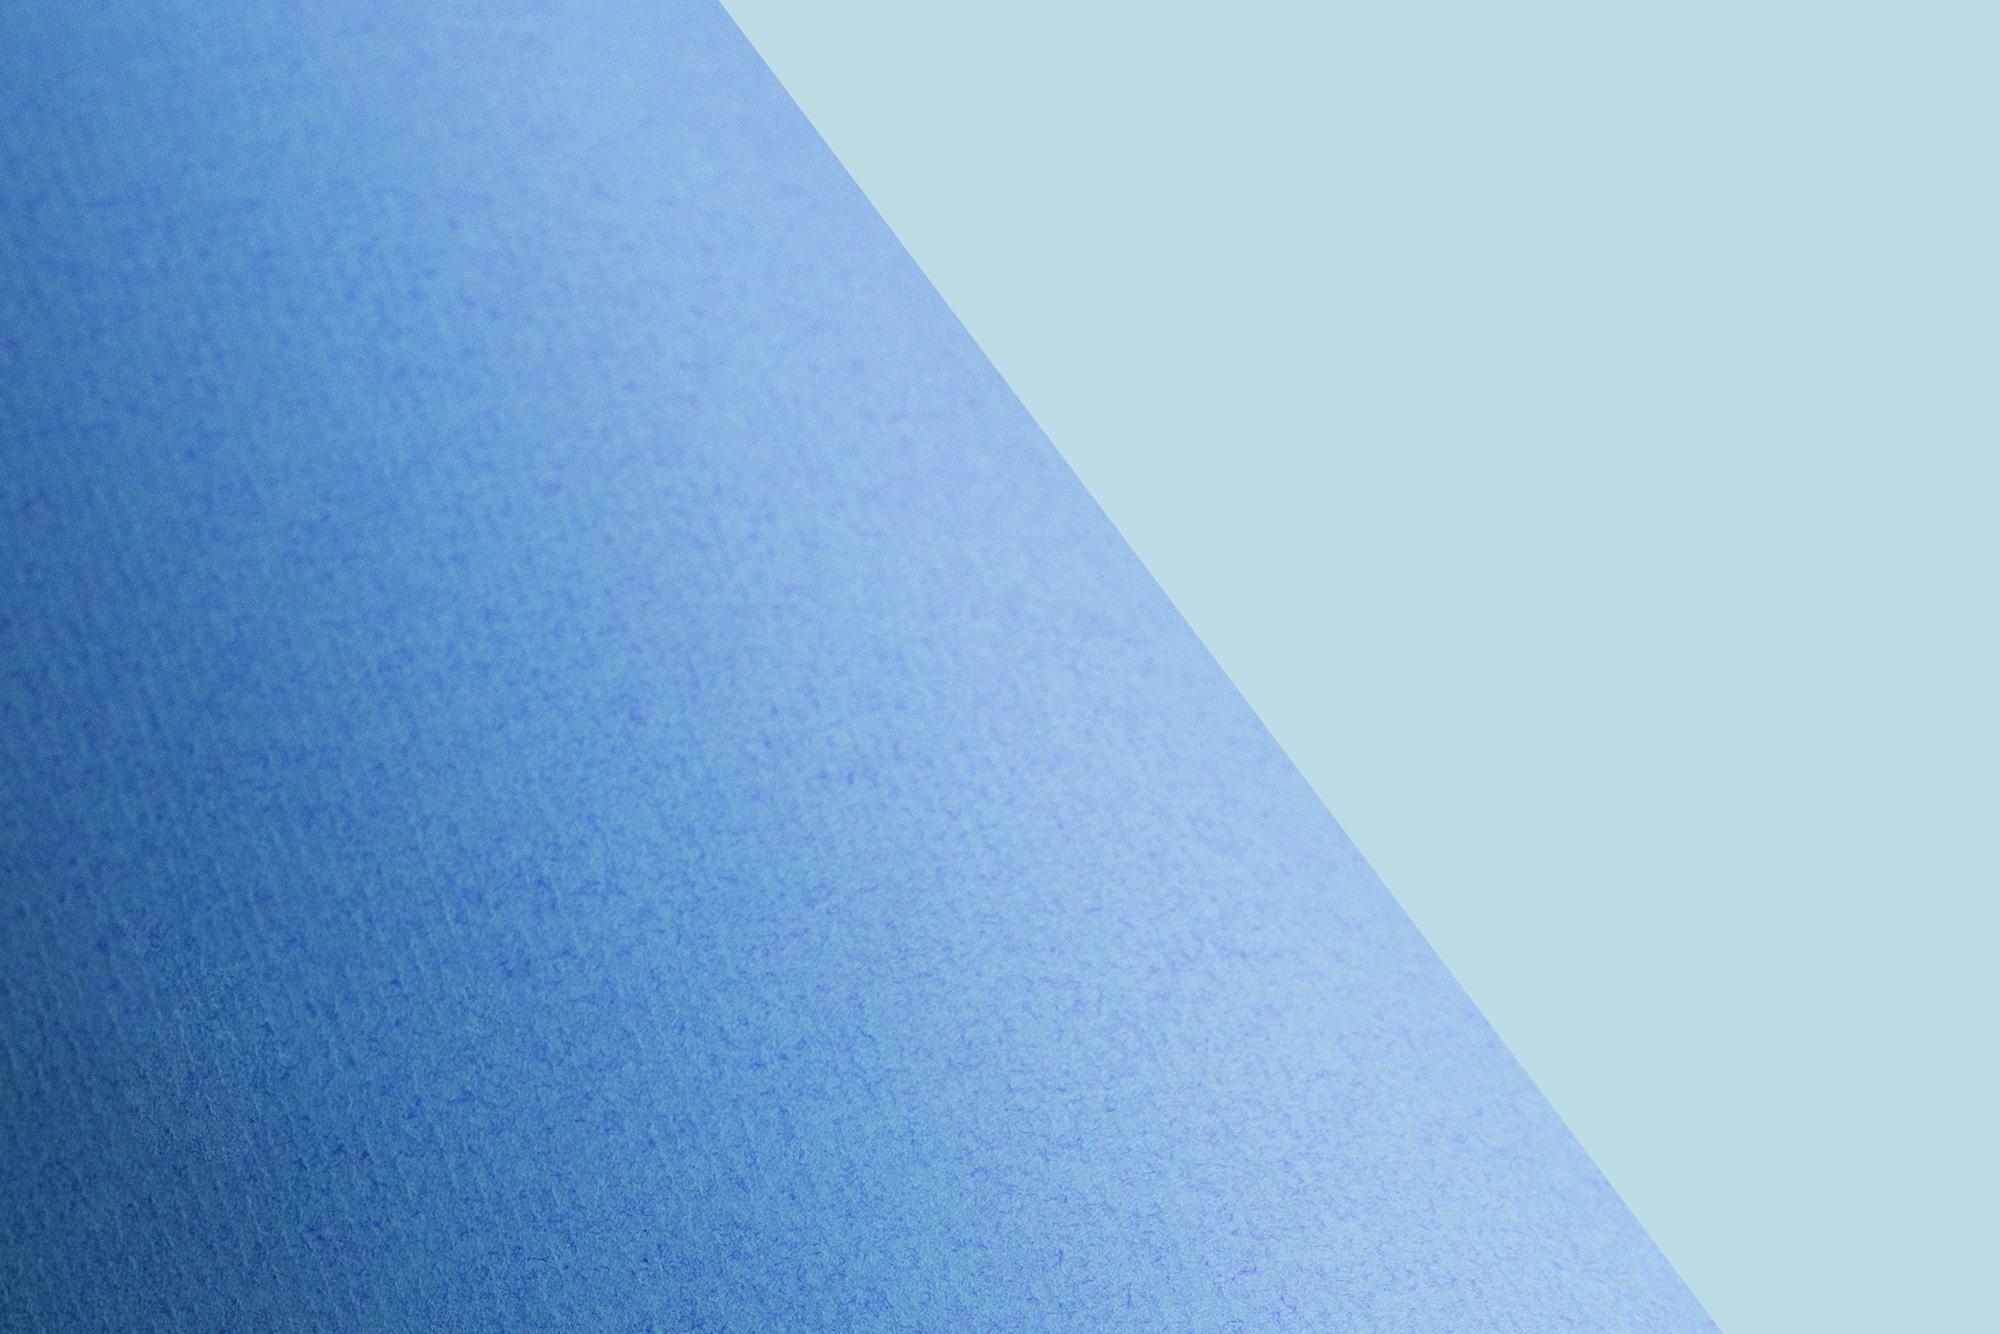 blue-slash.jpg